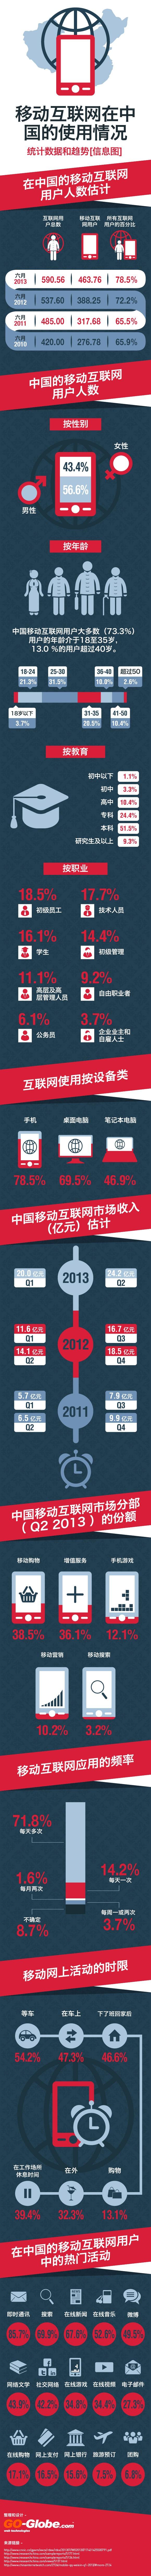 移动互联网在中国的使用情况 — 统计数据和趋势